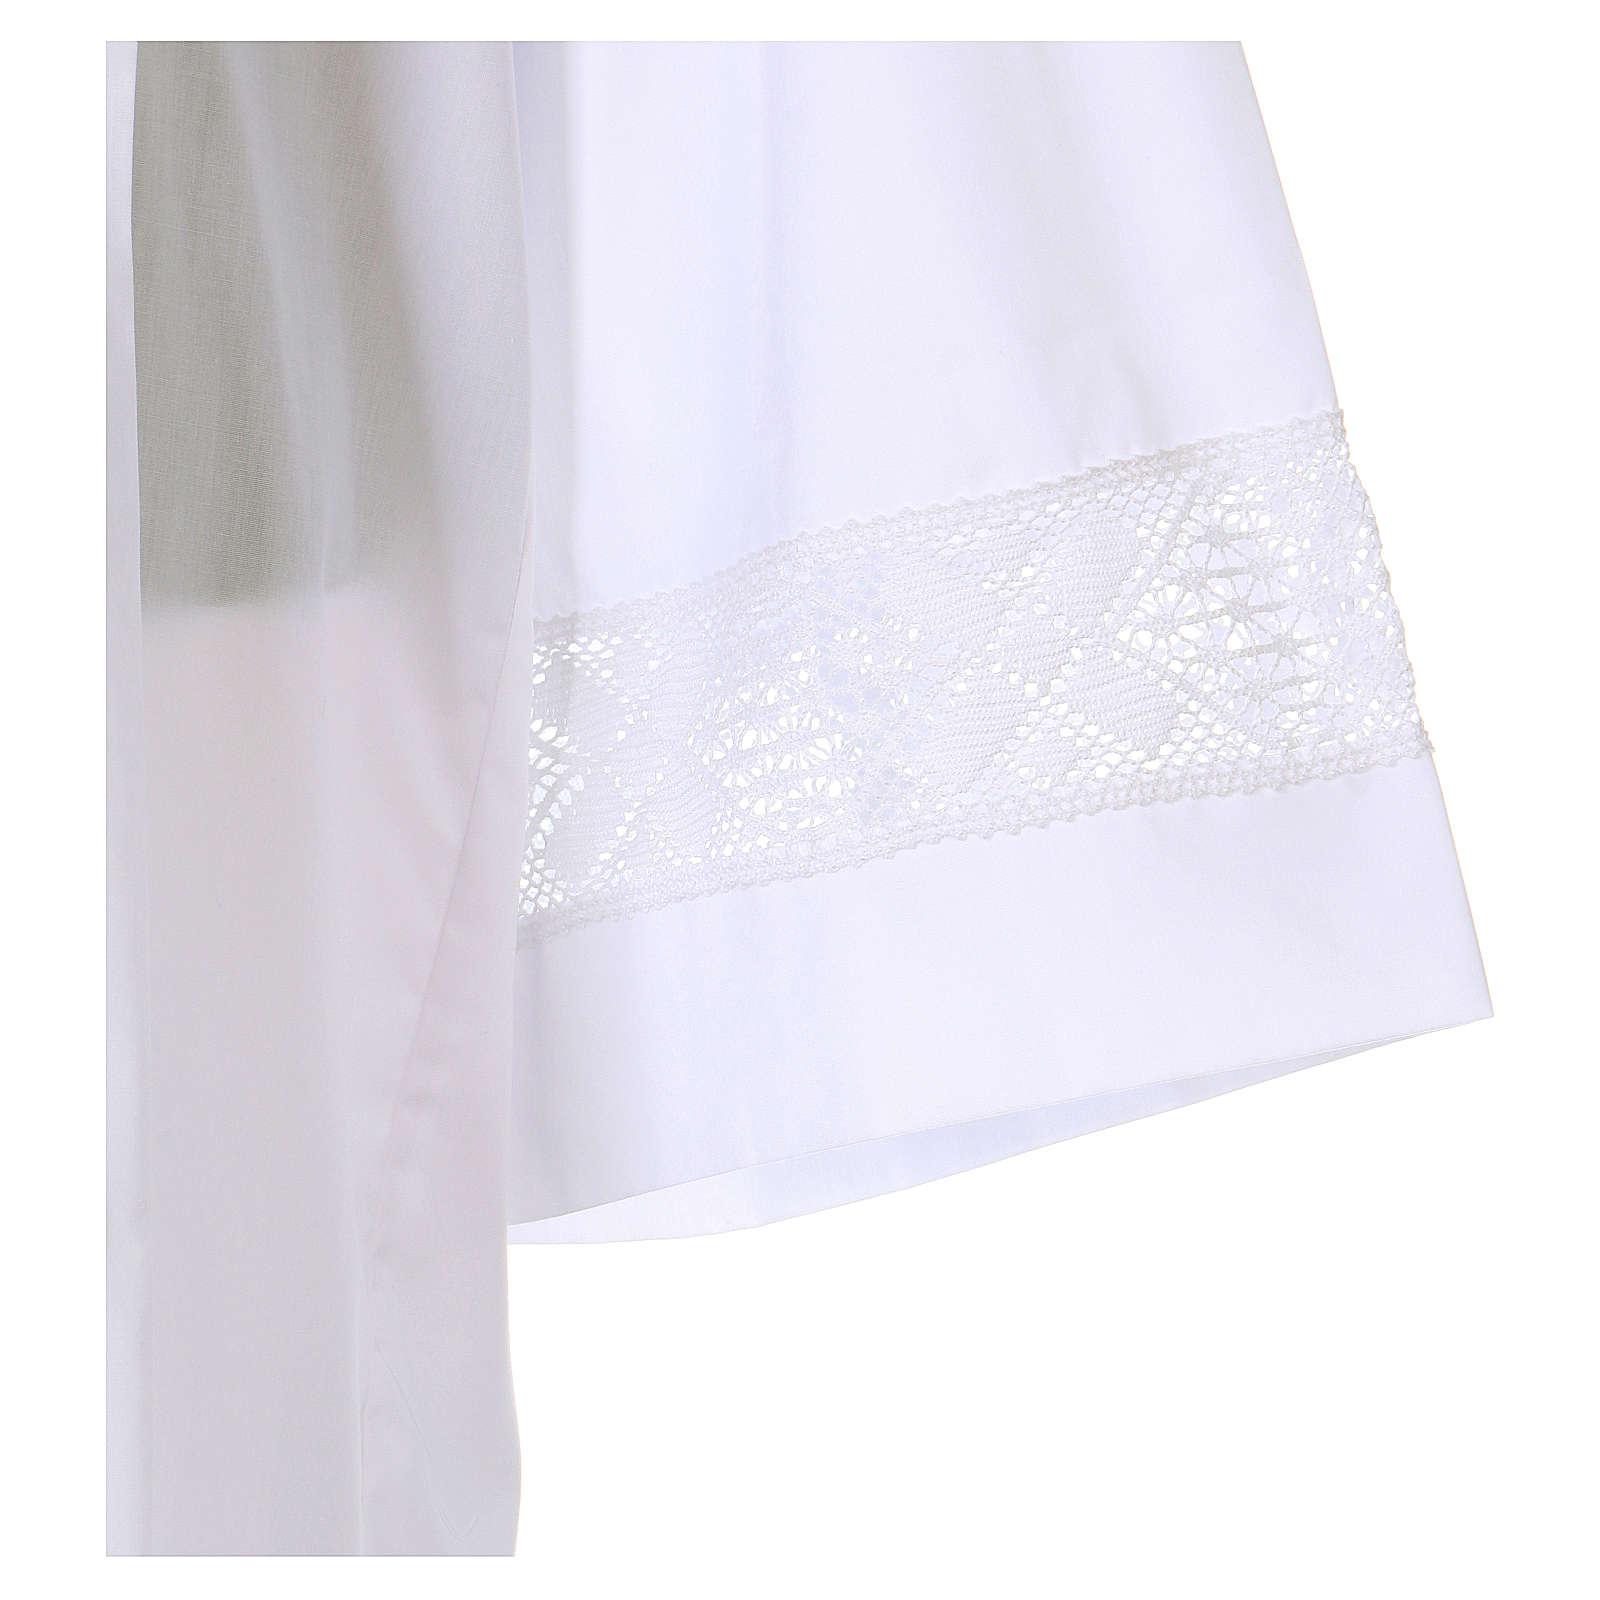 Aube blanche 65% polyester 35% coton entretoile dentelle fermeture avant 4